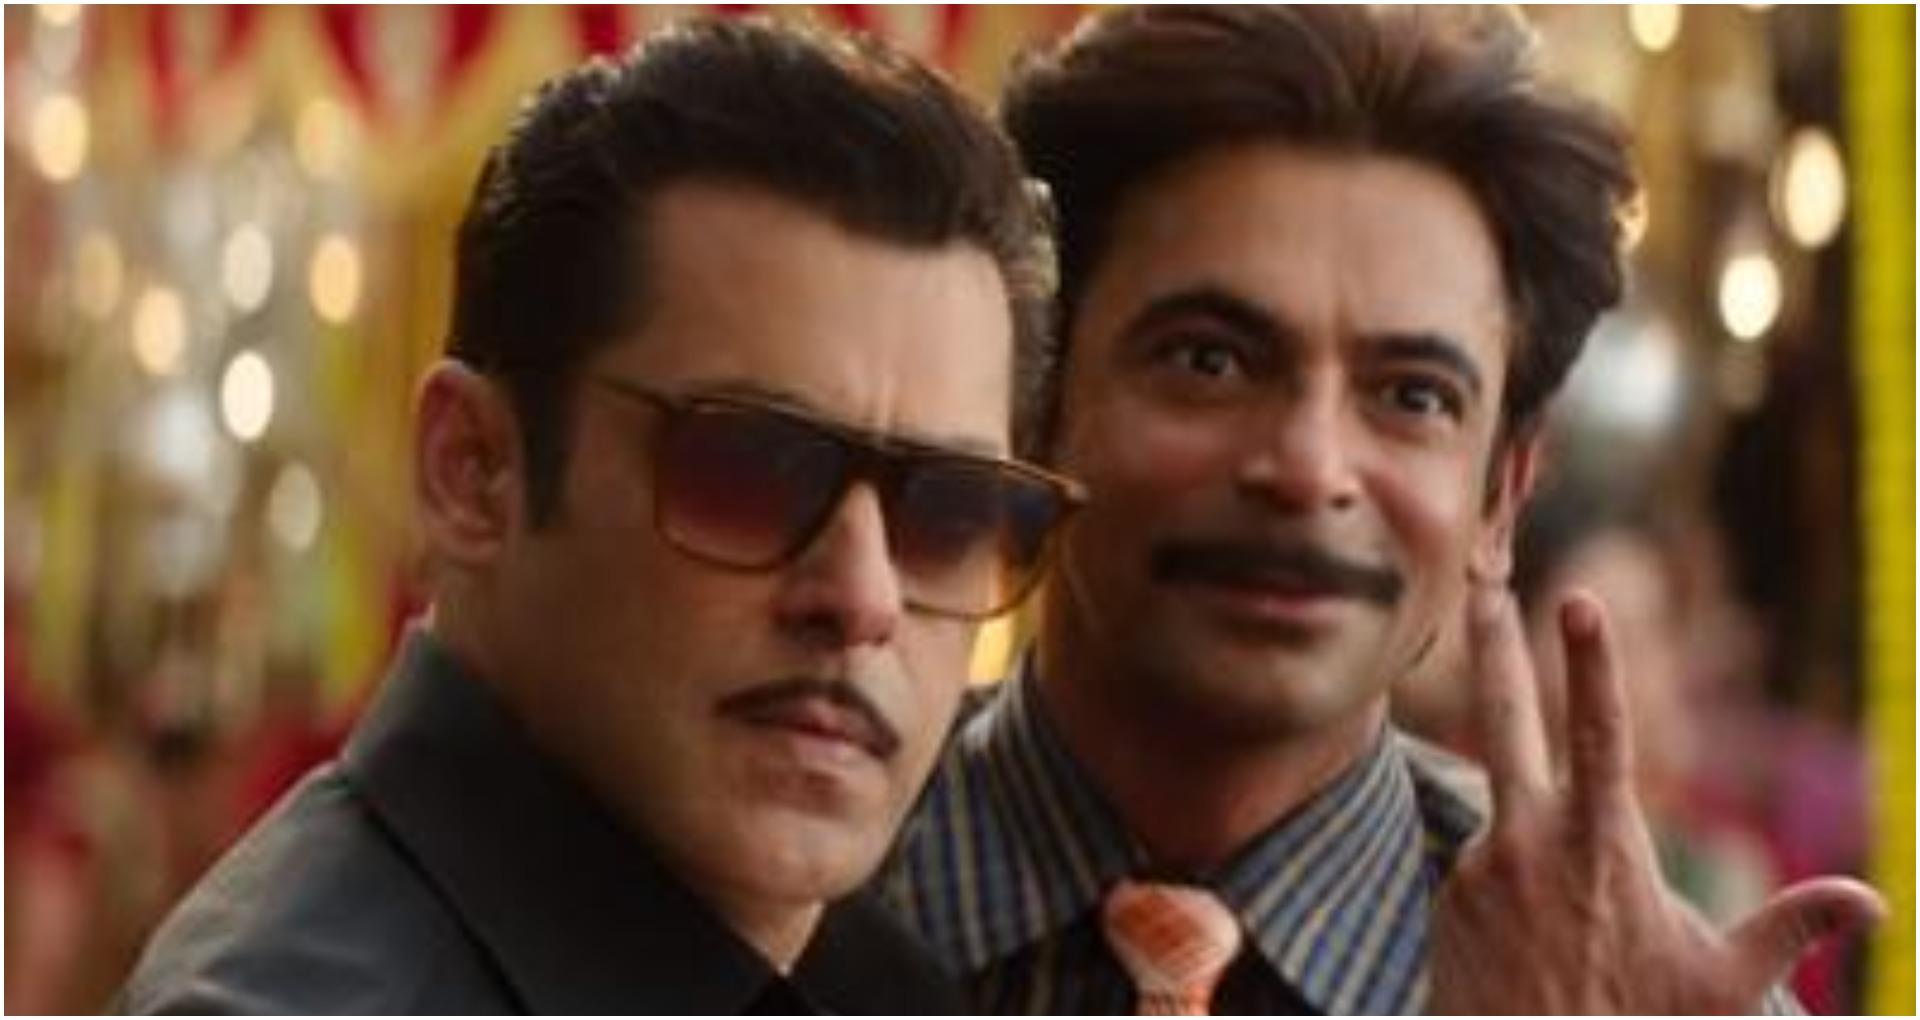 EXCLUSIVE: भारत फिल्म के टाइटल नाम को जिसने ट्रोल किया उनकोसुनील ग्रोवर का करारा जवाब, पढ़ें इंटरव्यू